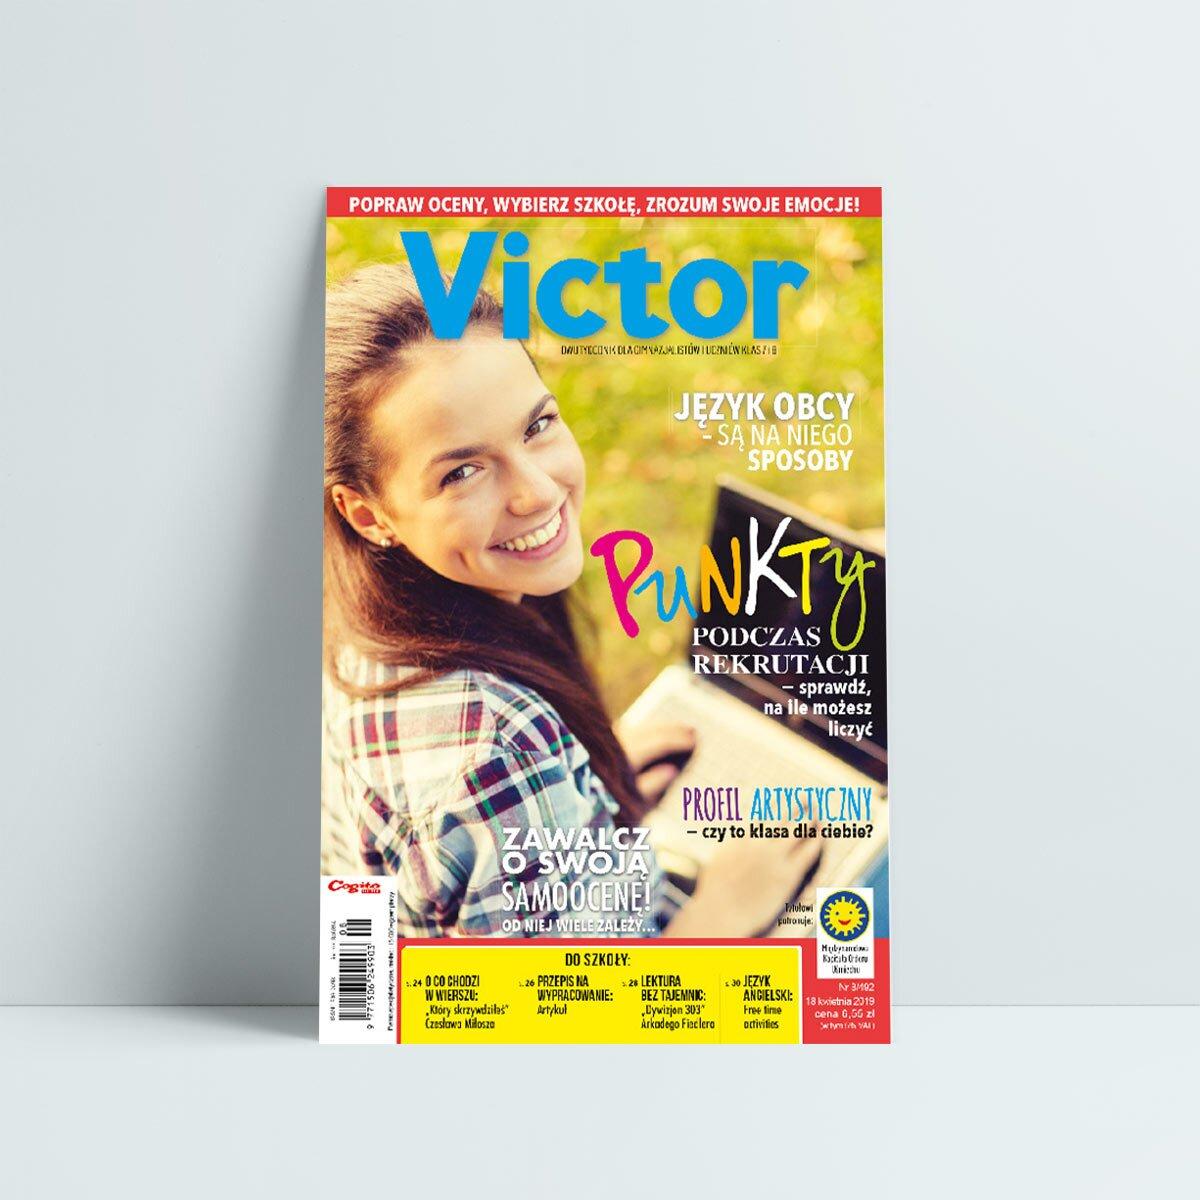 victor 8 2019 kwiecień zawalcz o swoją samoocenę